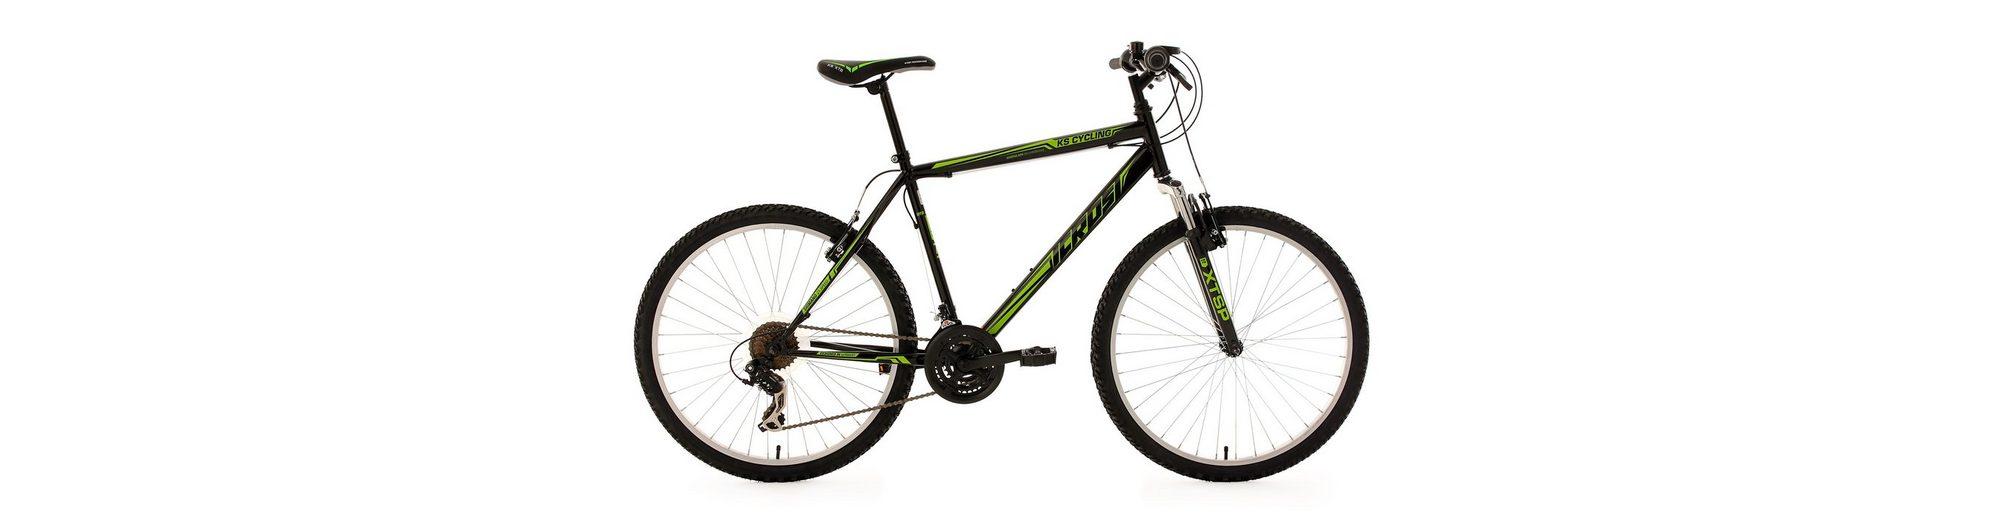 Hardtail-Mountainbike, 26 Zoll, schwarz-grün, 21-Gang-Kettenschaltung, »Icros«, KS Cycling